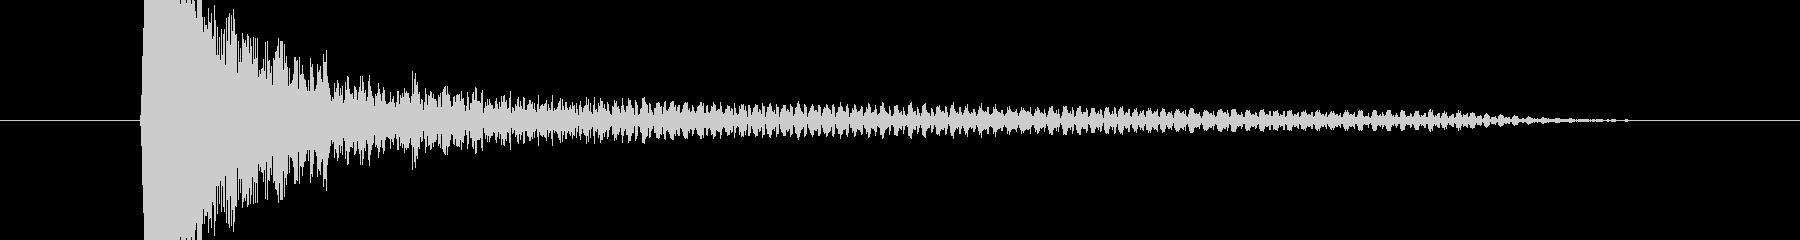 ベョーンの未再生の波形